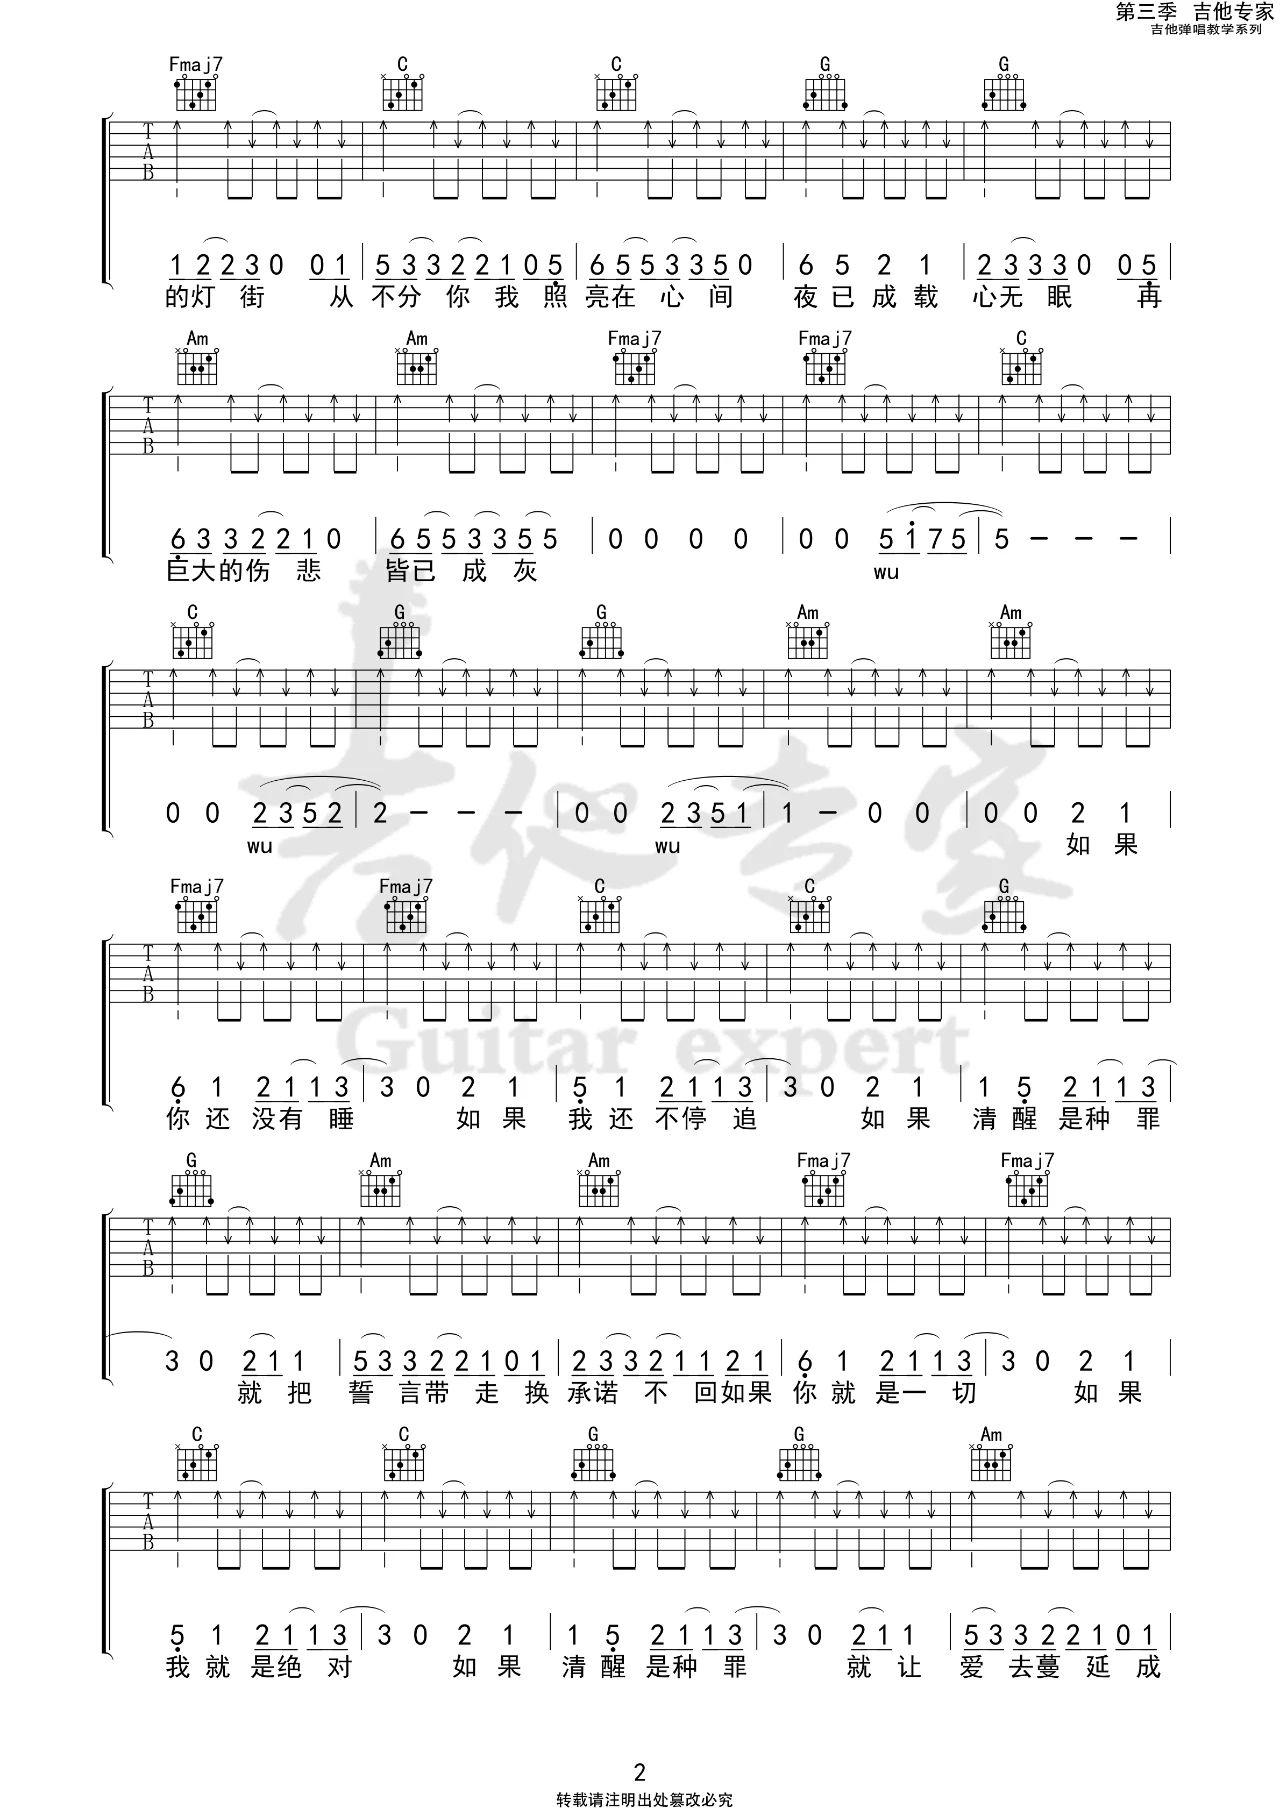 吉他派《带我去找夜生活》吉他谱-2